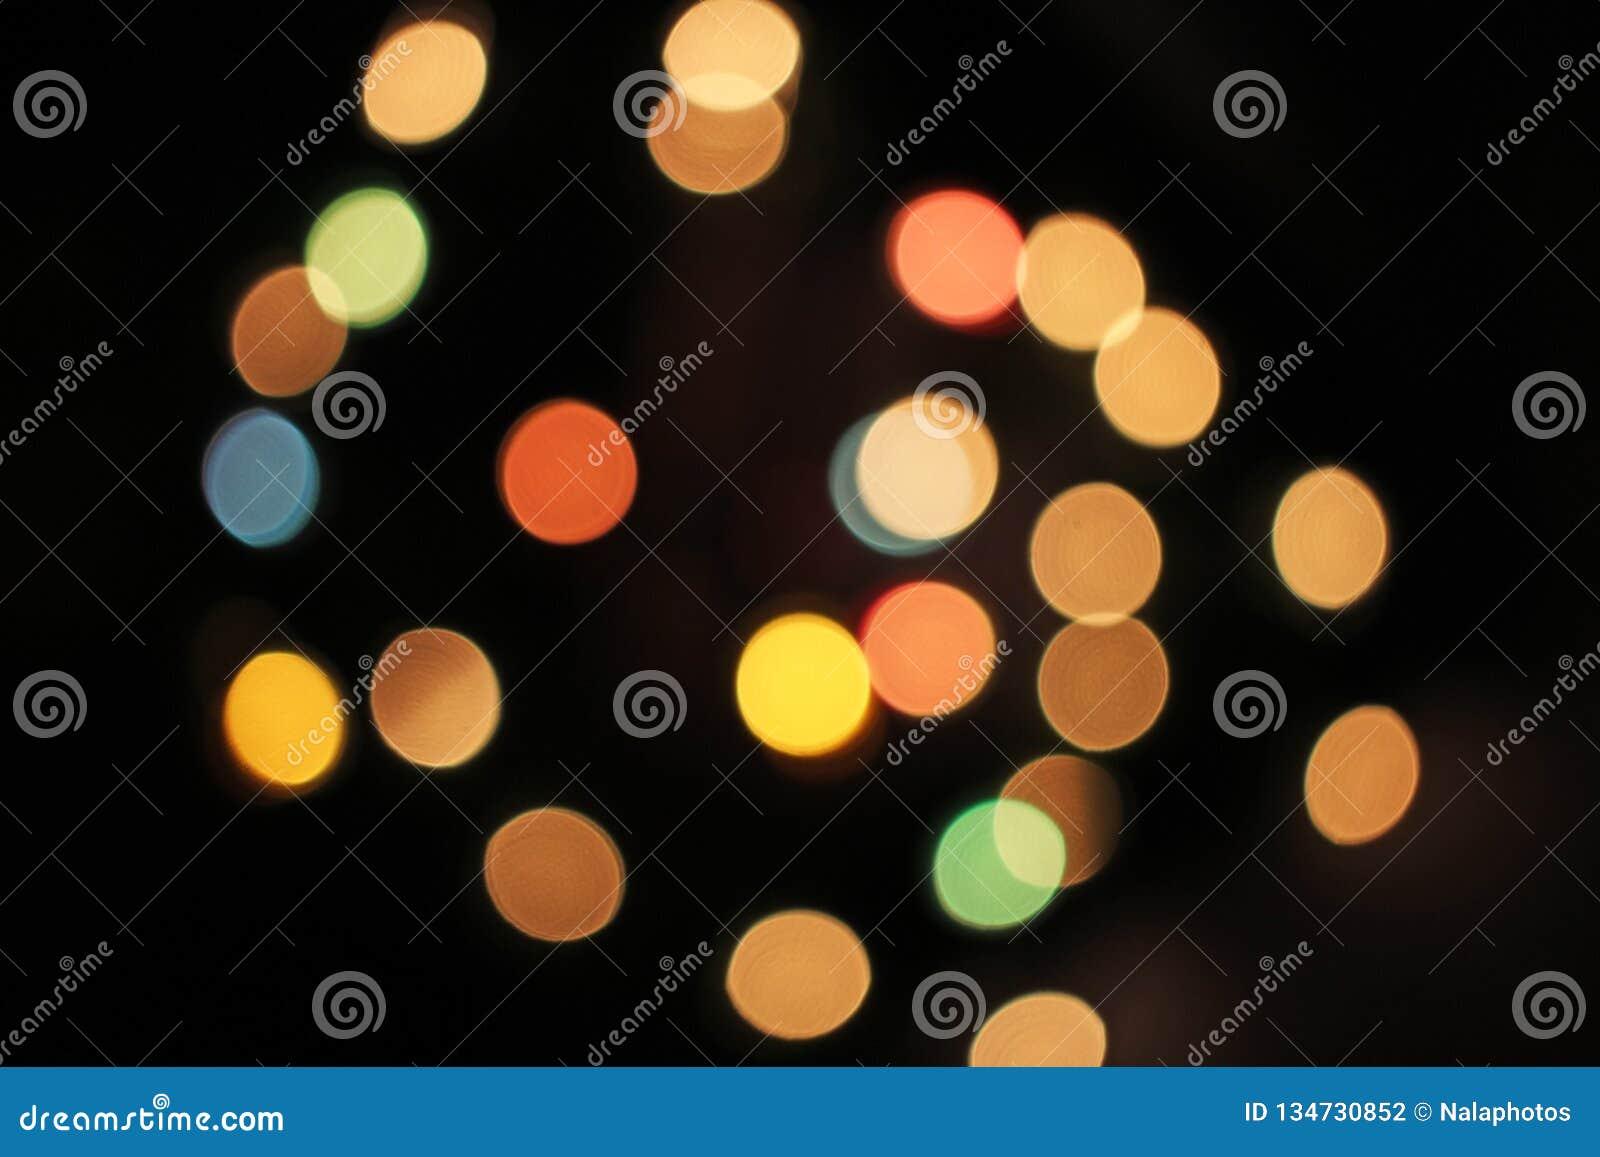 Zamazany defocused bożonarodzeniowe światła zaświeca bokeh tło Kolorowa czerwona żółta błękitna zieleń de skupiał się błyskotliwe